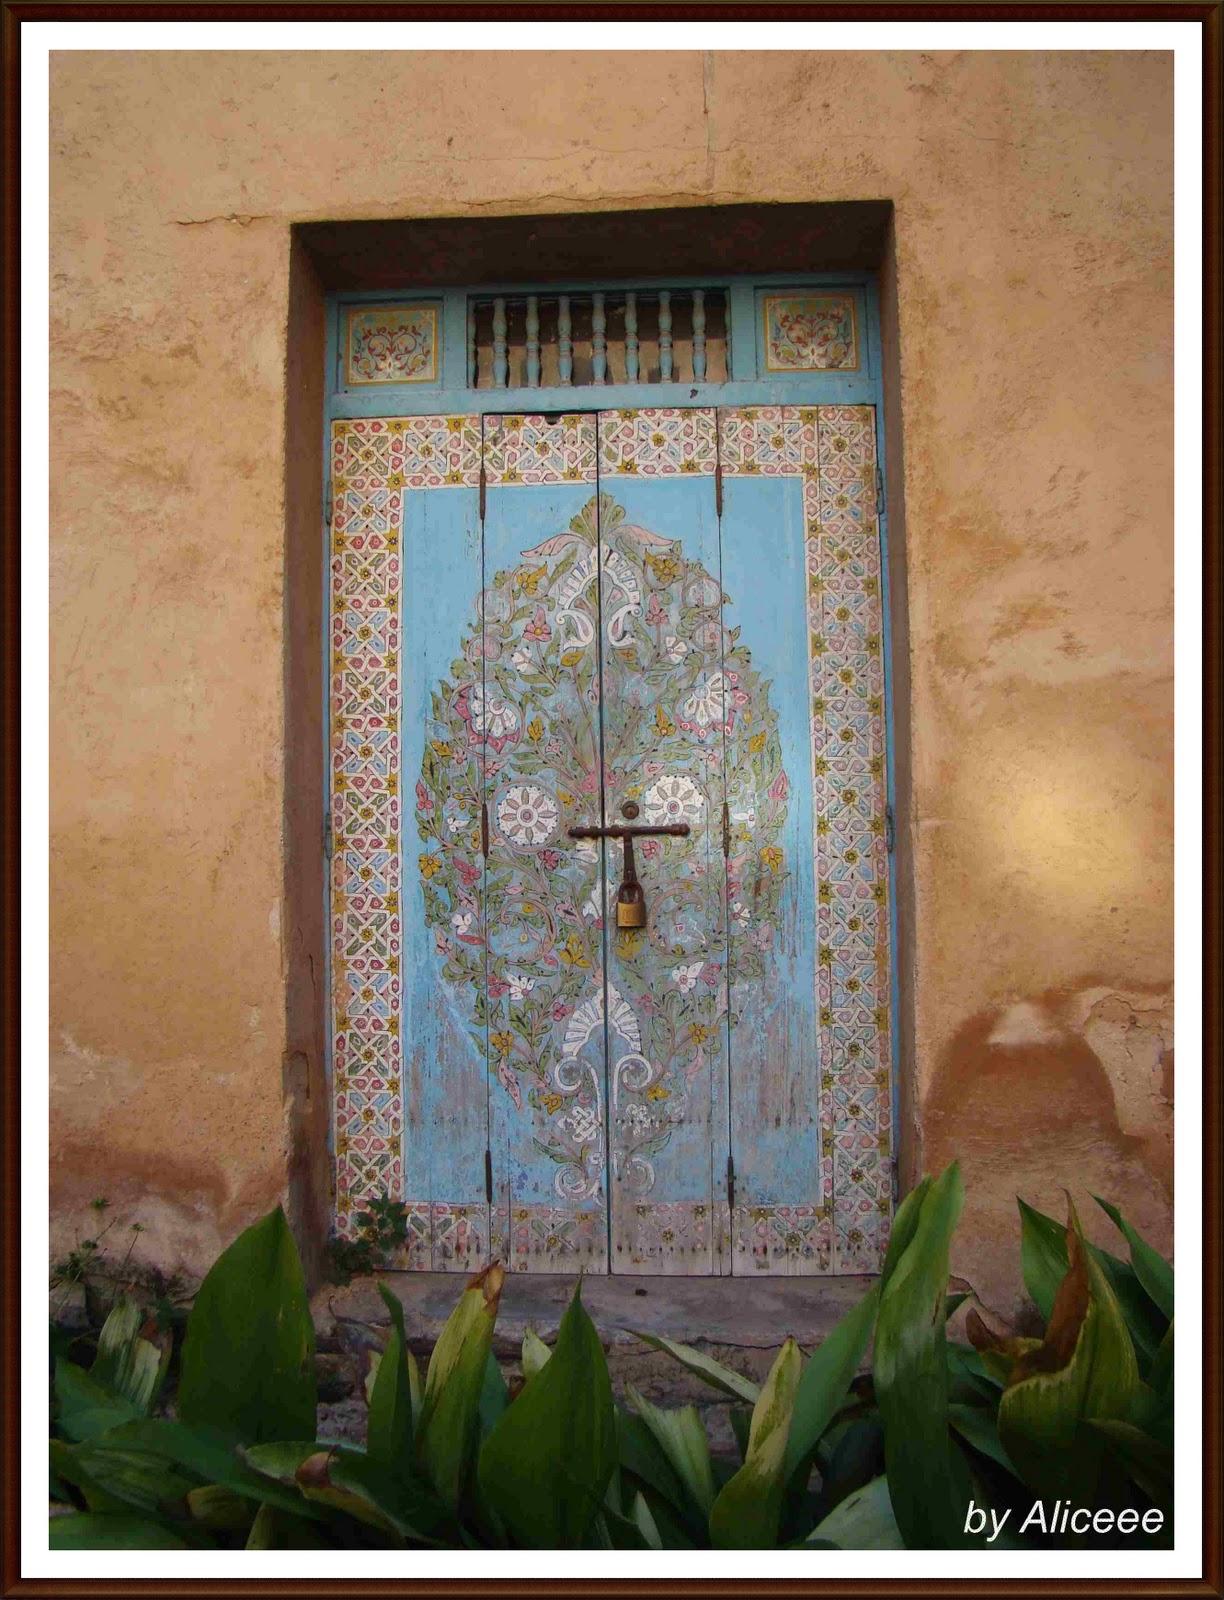 arhitectura-maroc-usa